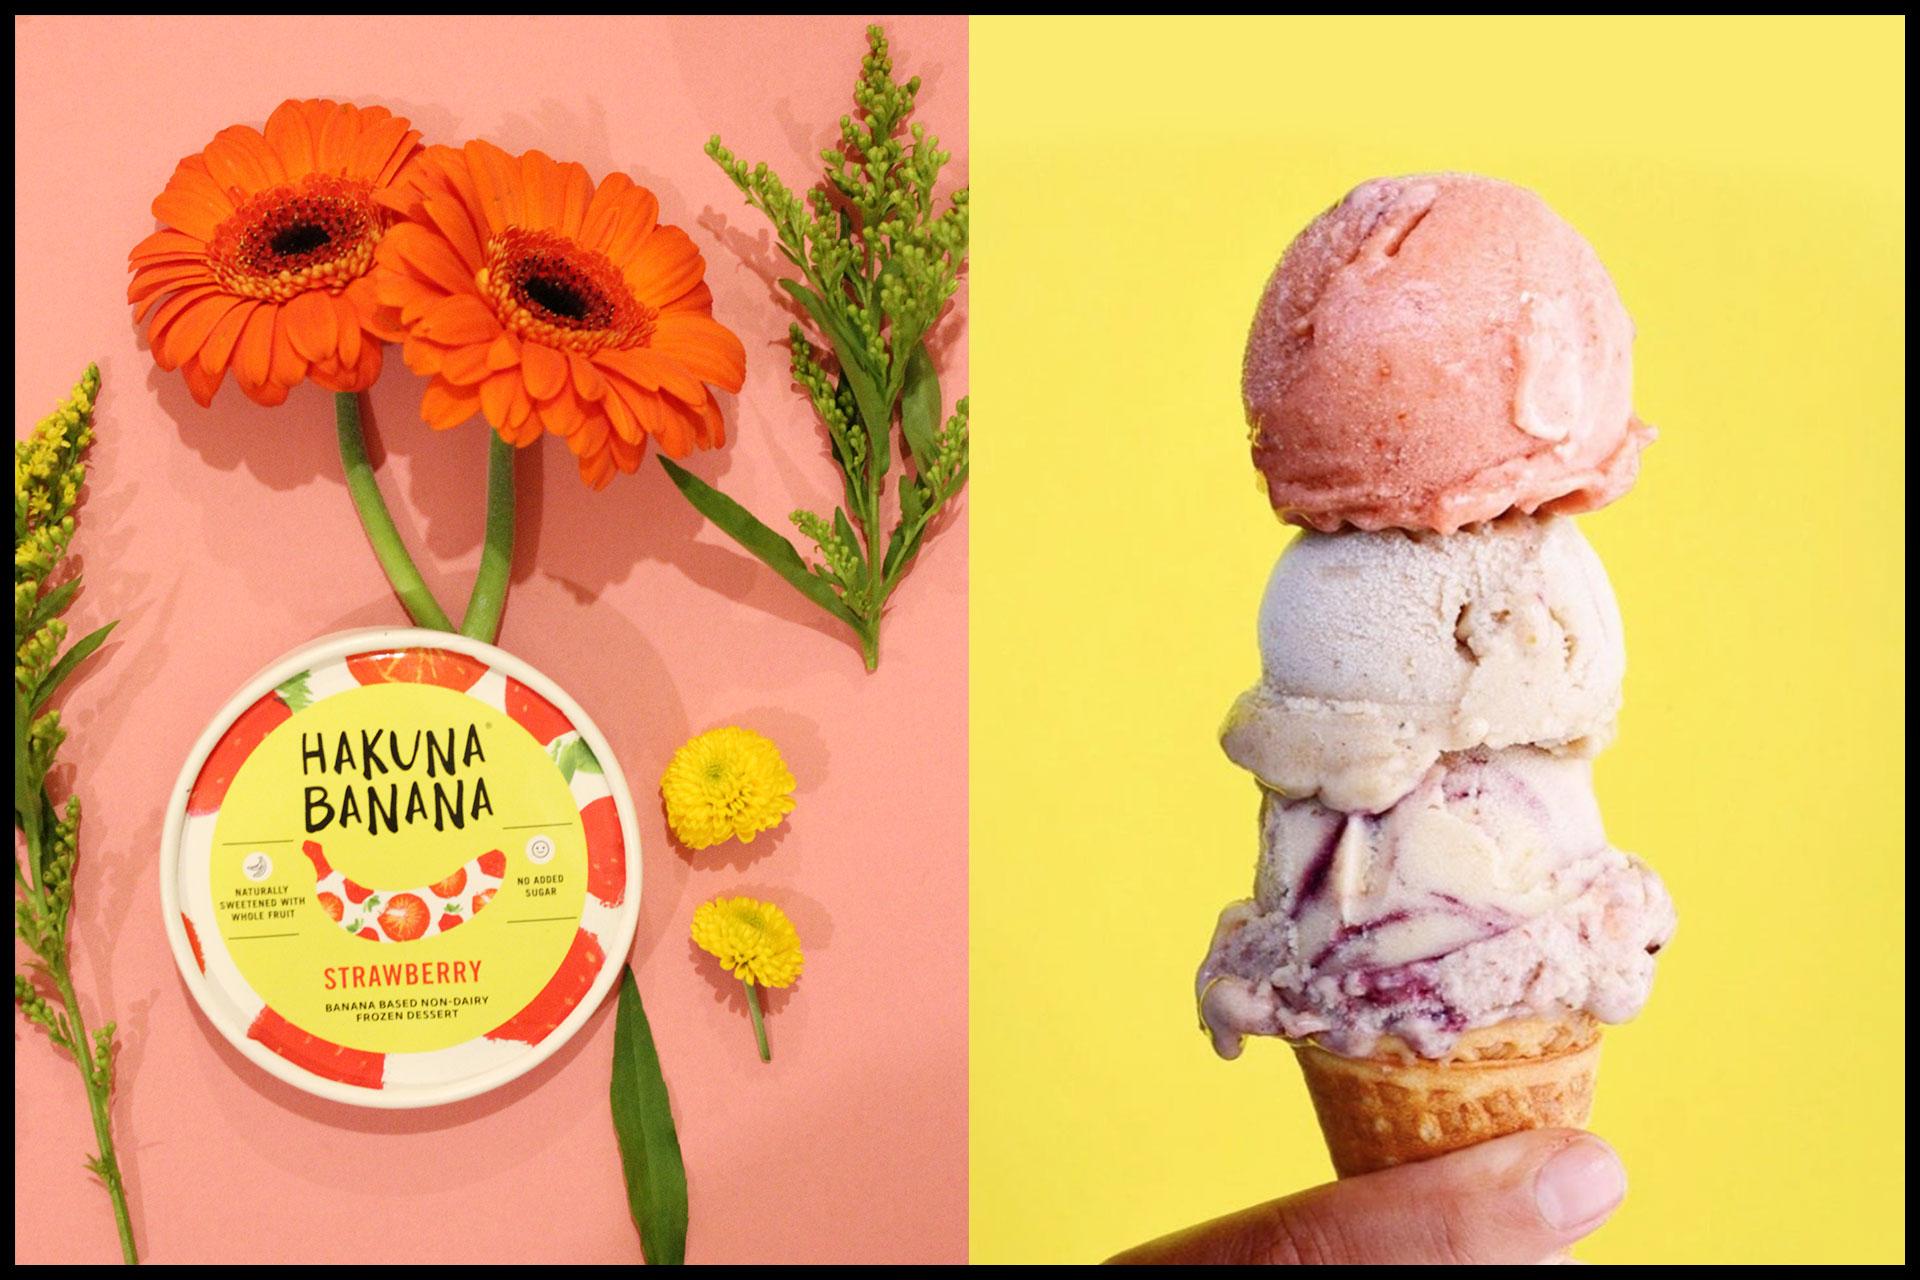 HakunaBanana_Design-Strawberry.jpg